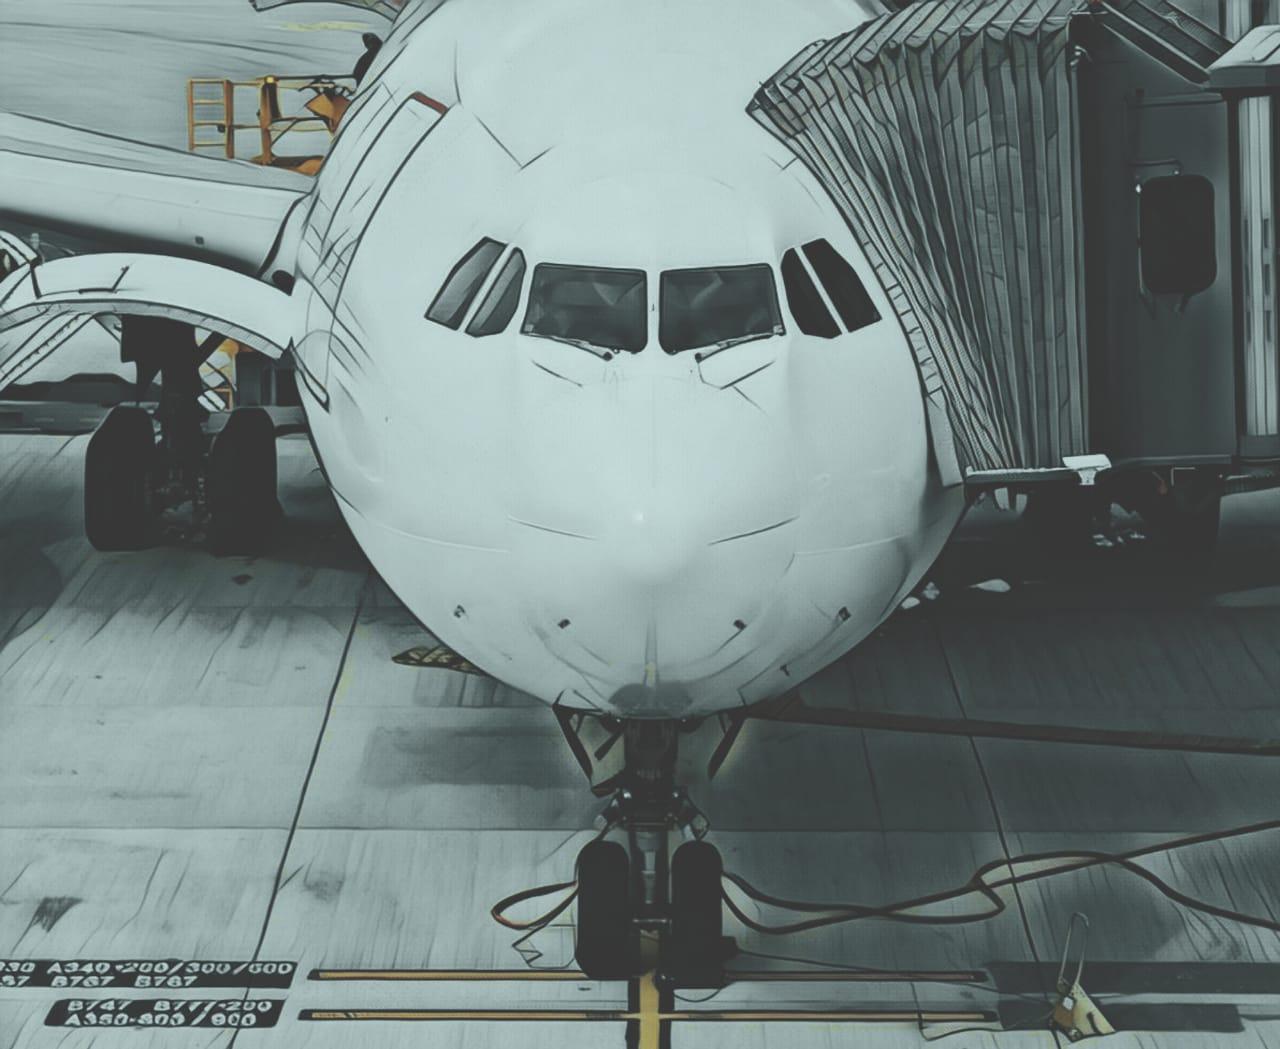 https: img.okezone.com content 2019 06 14 320 2066388 penumpang-pesawat-turun-27-selama-masa-angkutan-lebaran-2019-8pcwLdgOGI.jpg